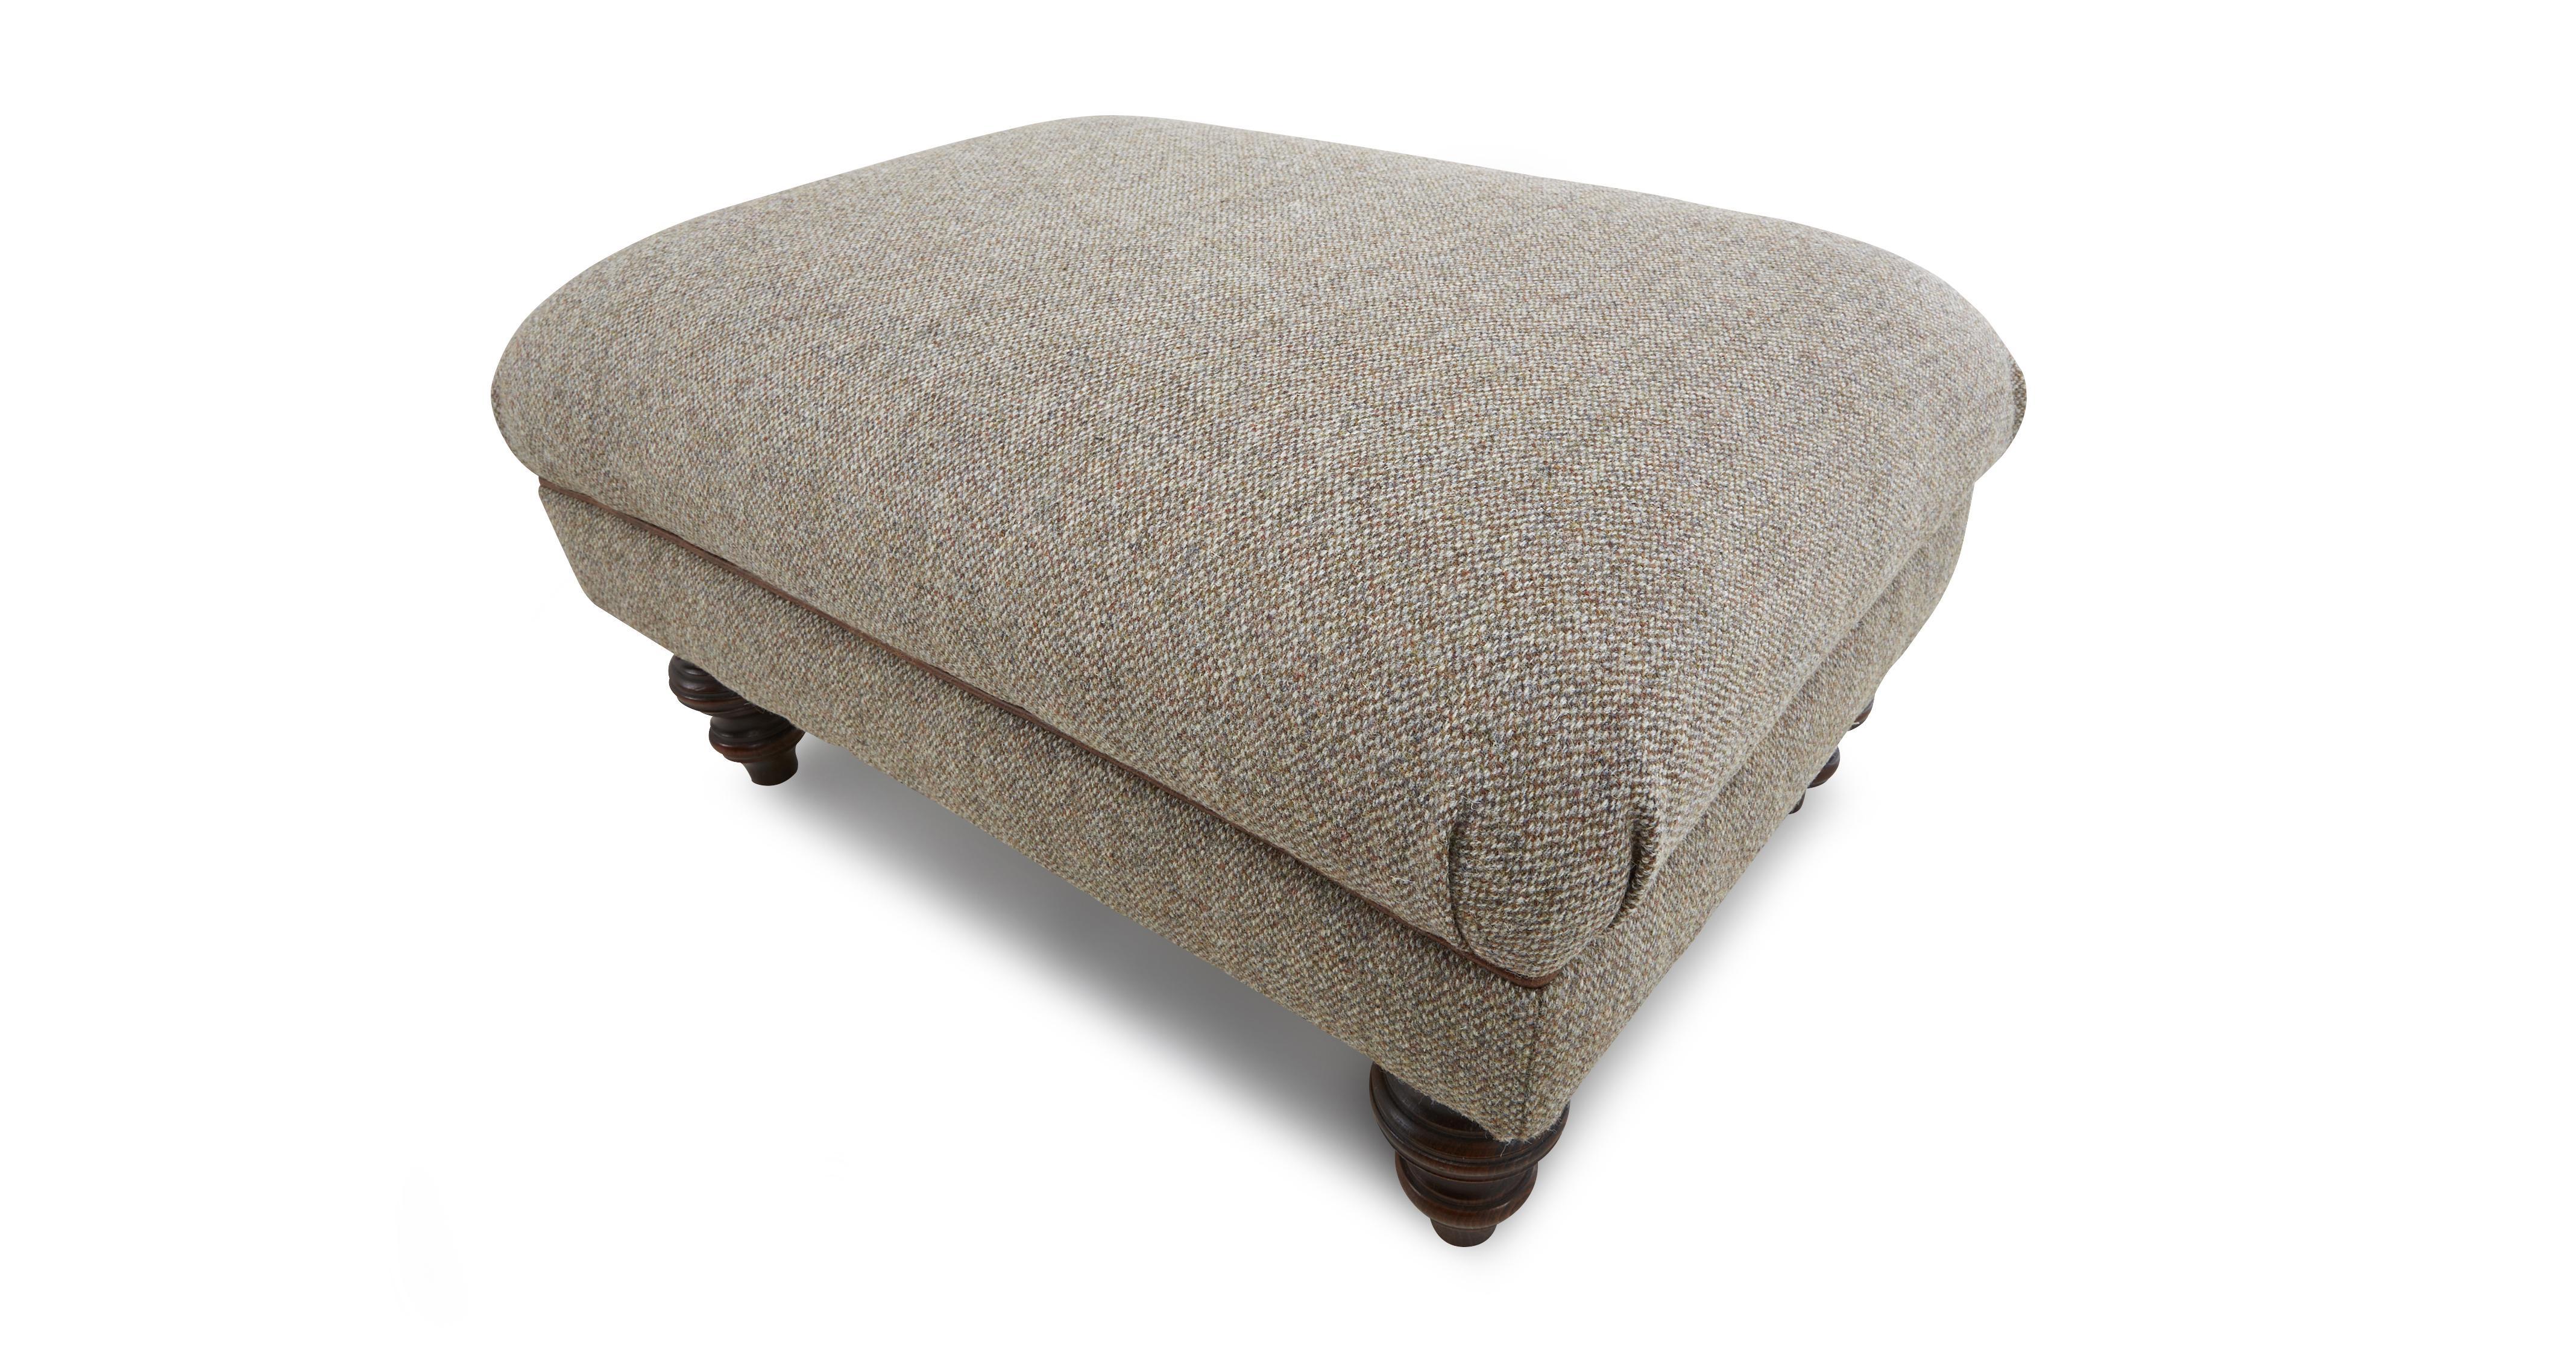 footstool ireland 2